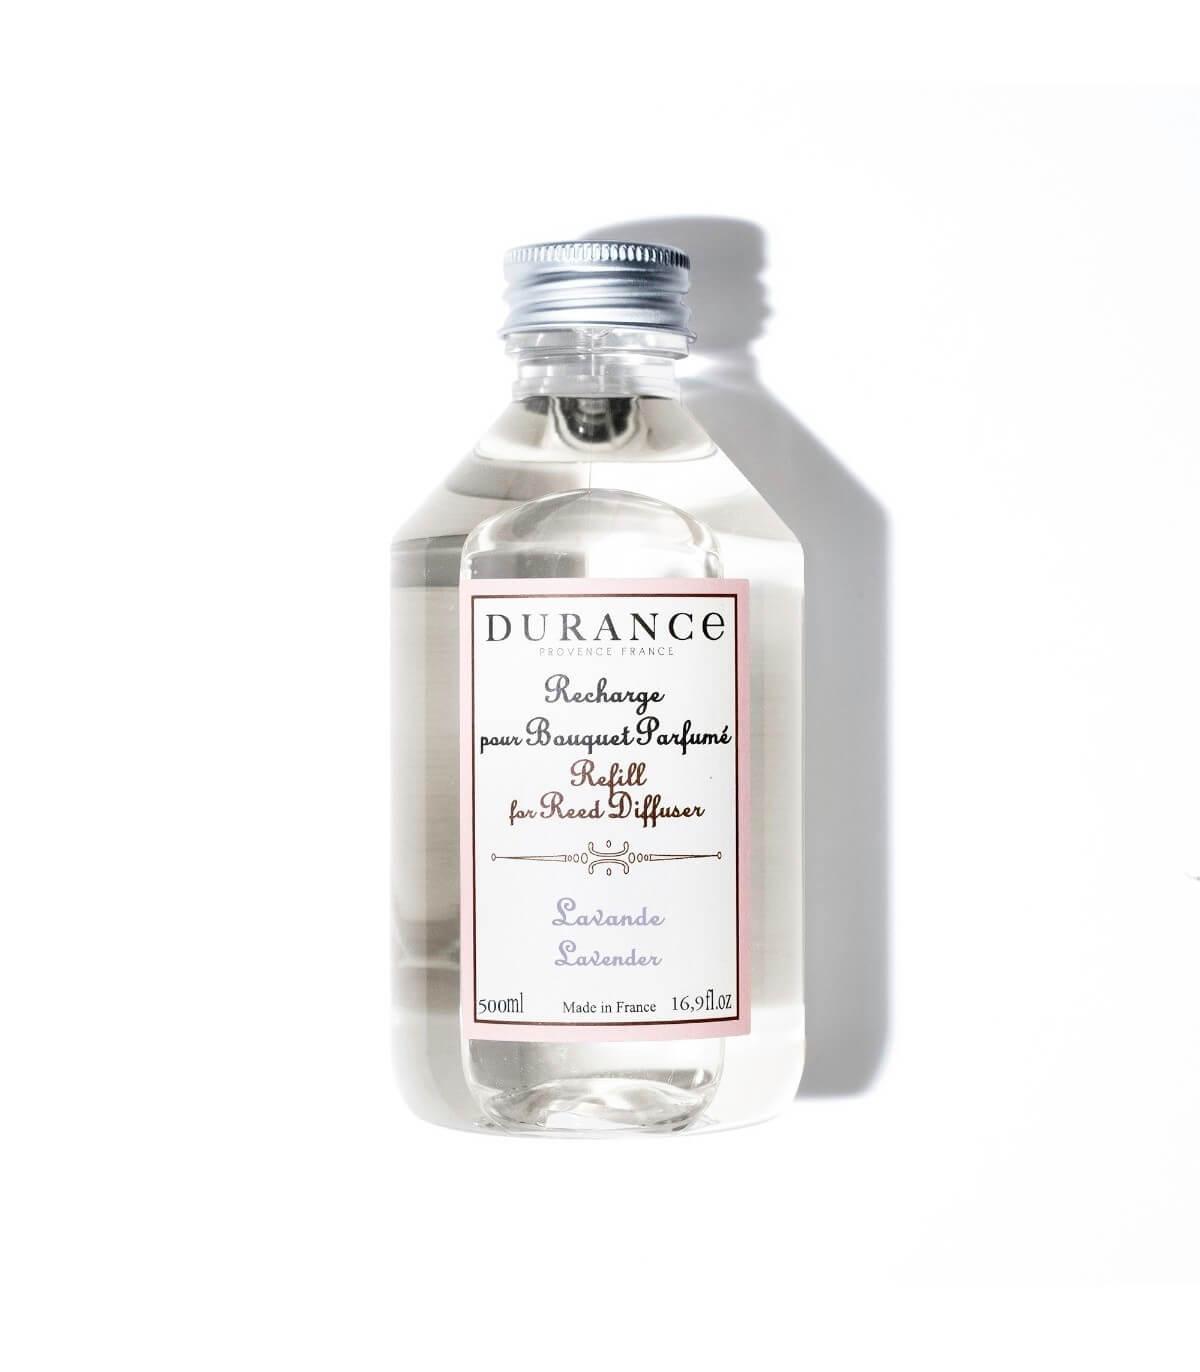 Recharge bouquet parfumé lavande 500ml